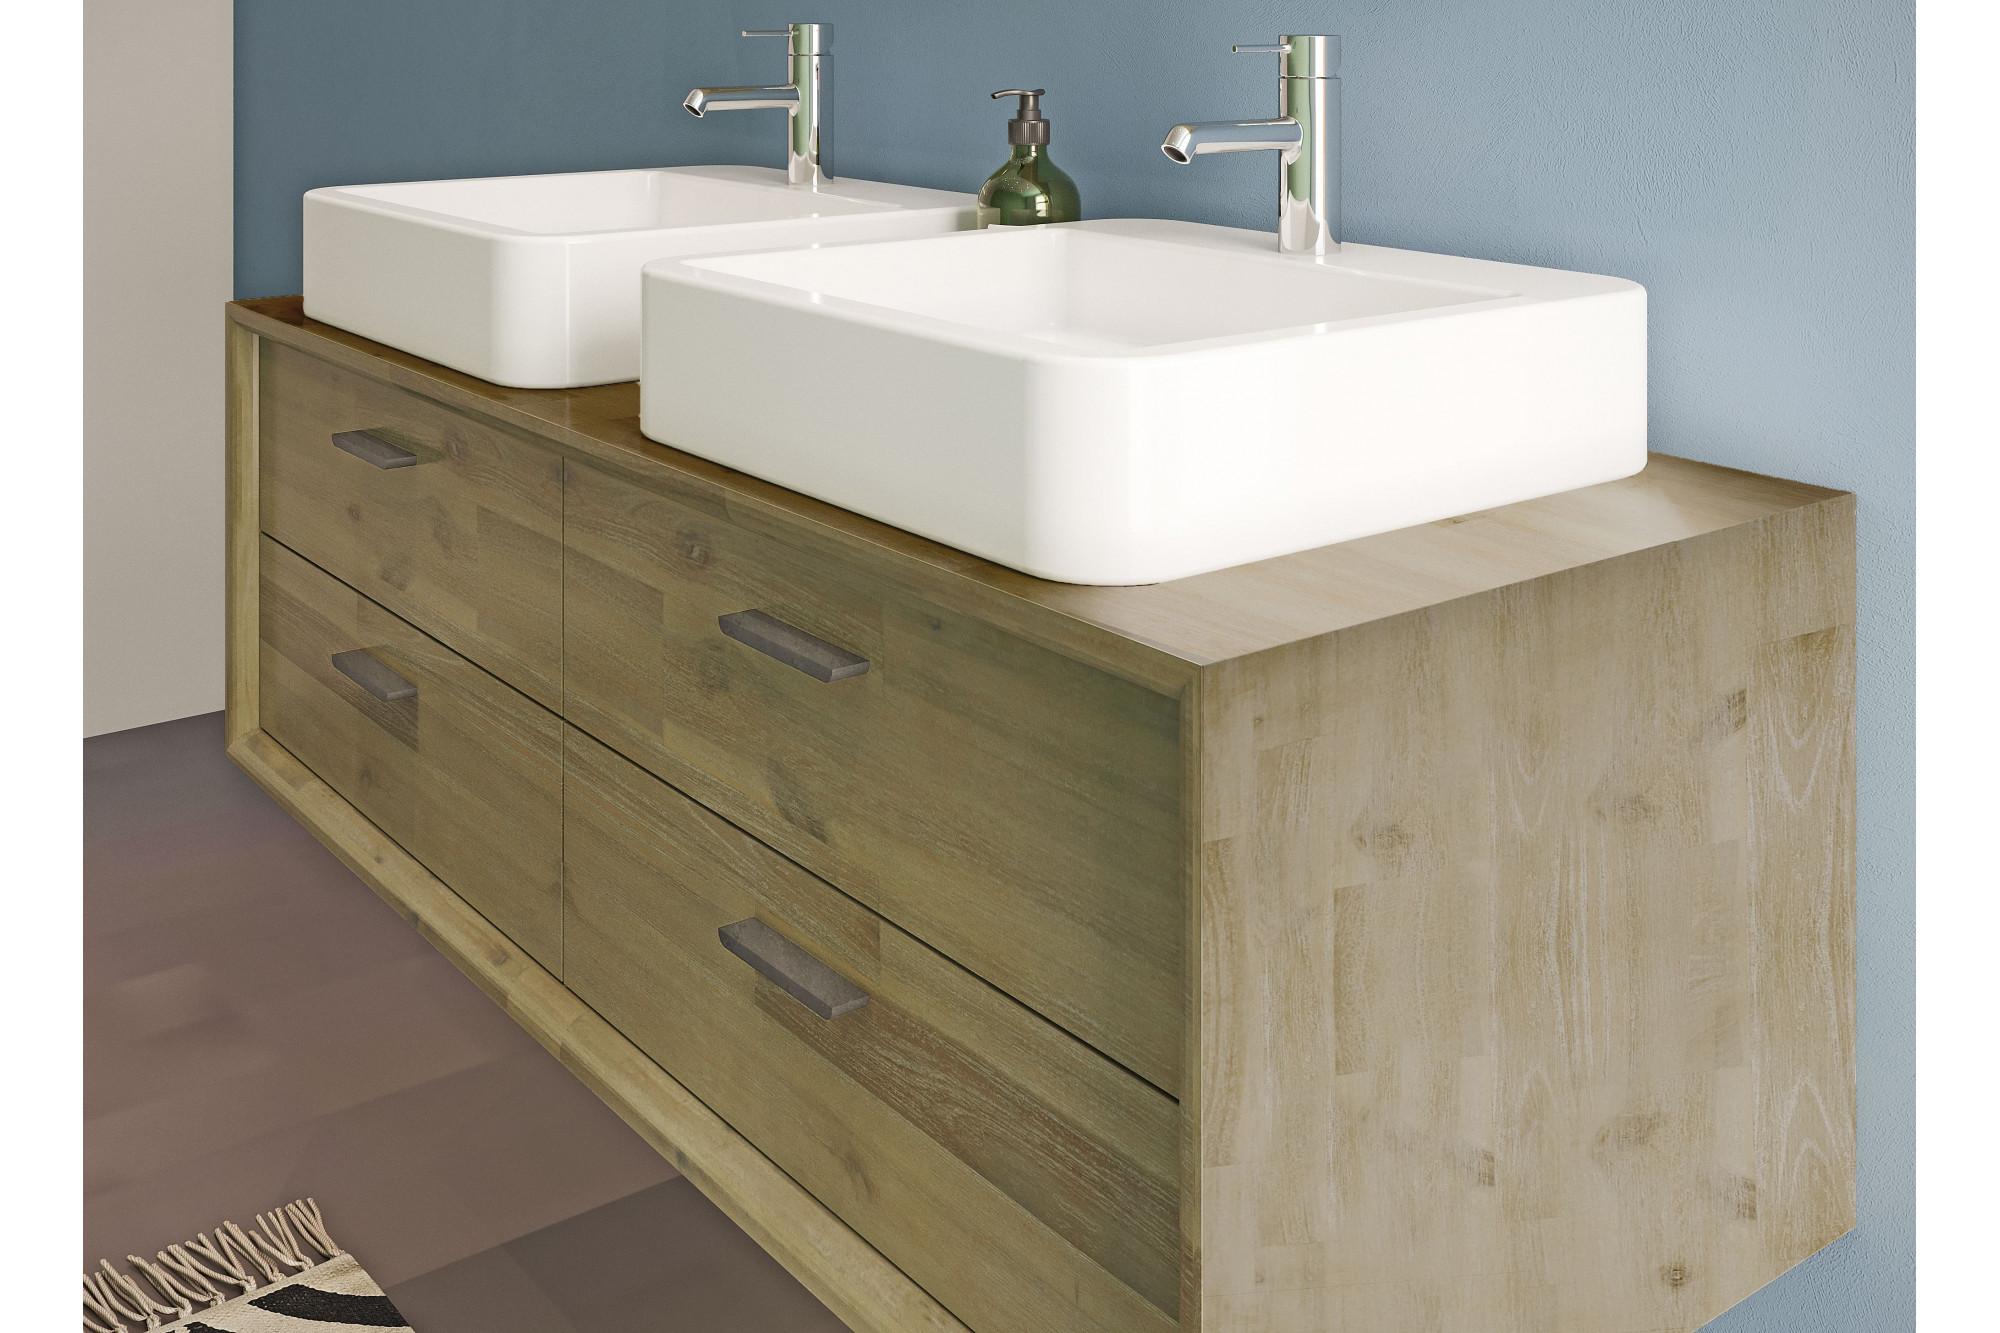 Meuble de salle de bain en bois massif 120 cm avec vasques et miroir ...